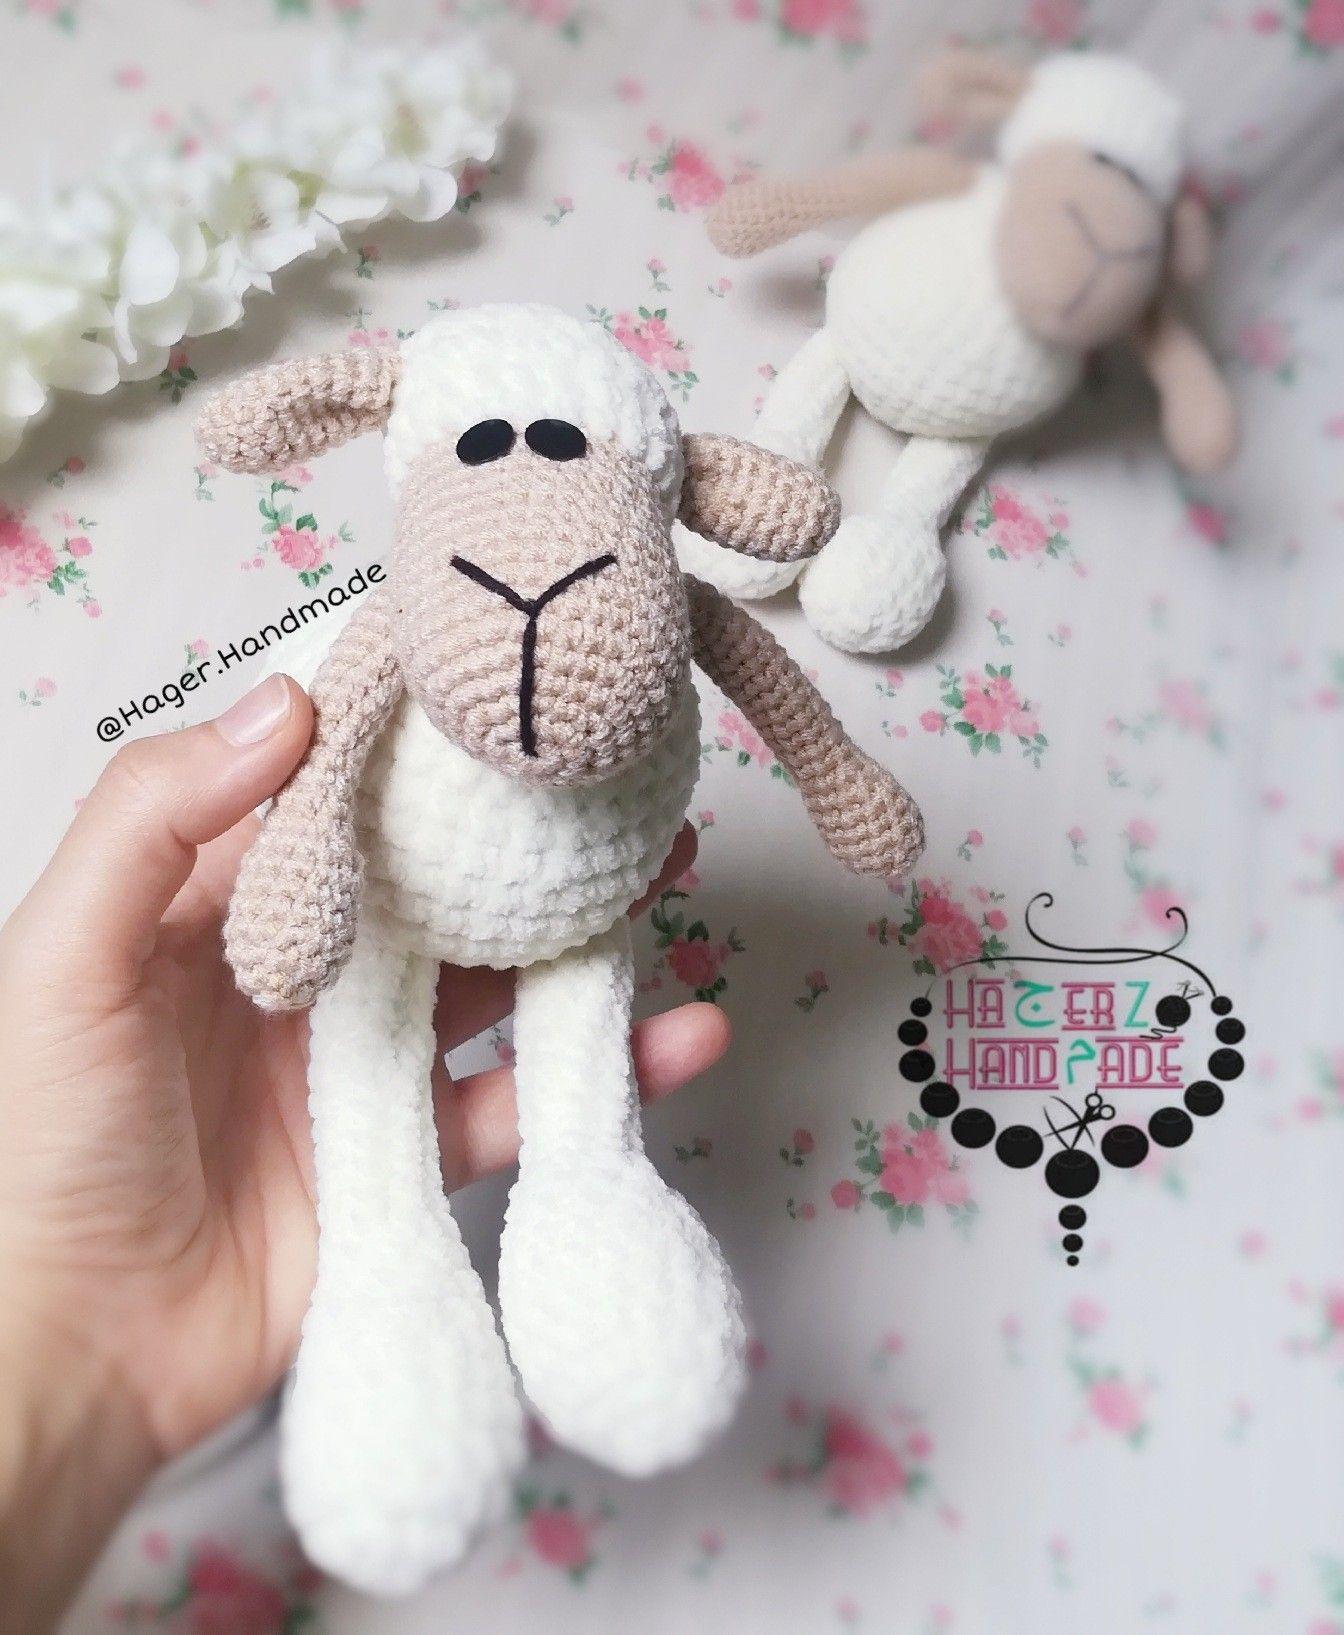 Amigurumi Crochet Sheep Crochet Sheep Handmade Shop Crochet Amigurumi